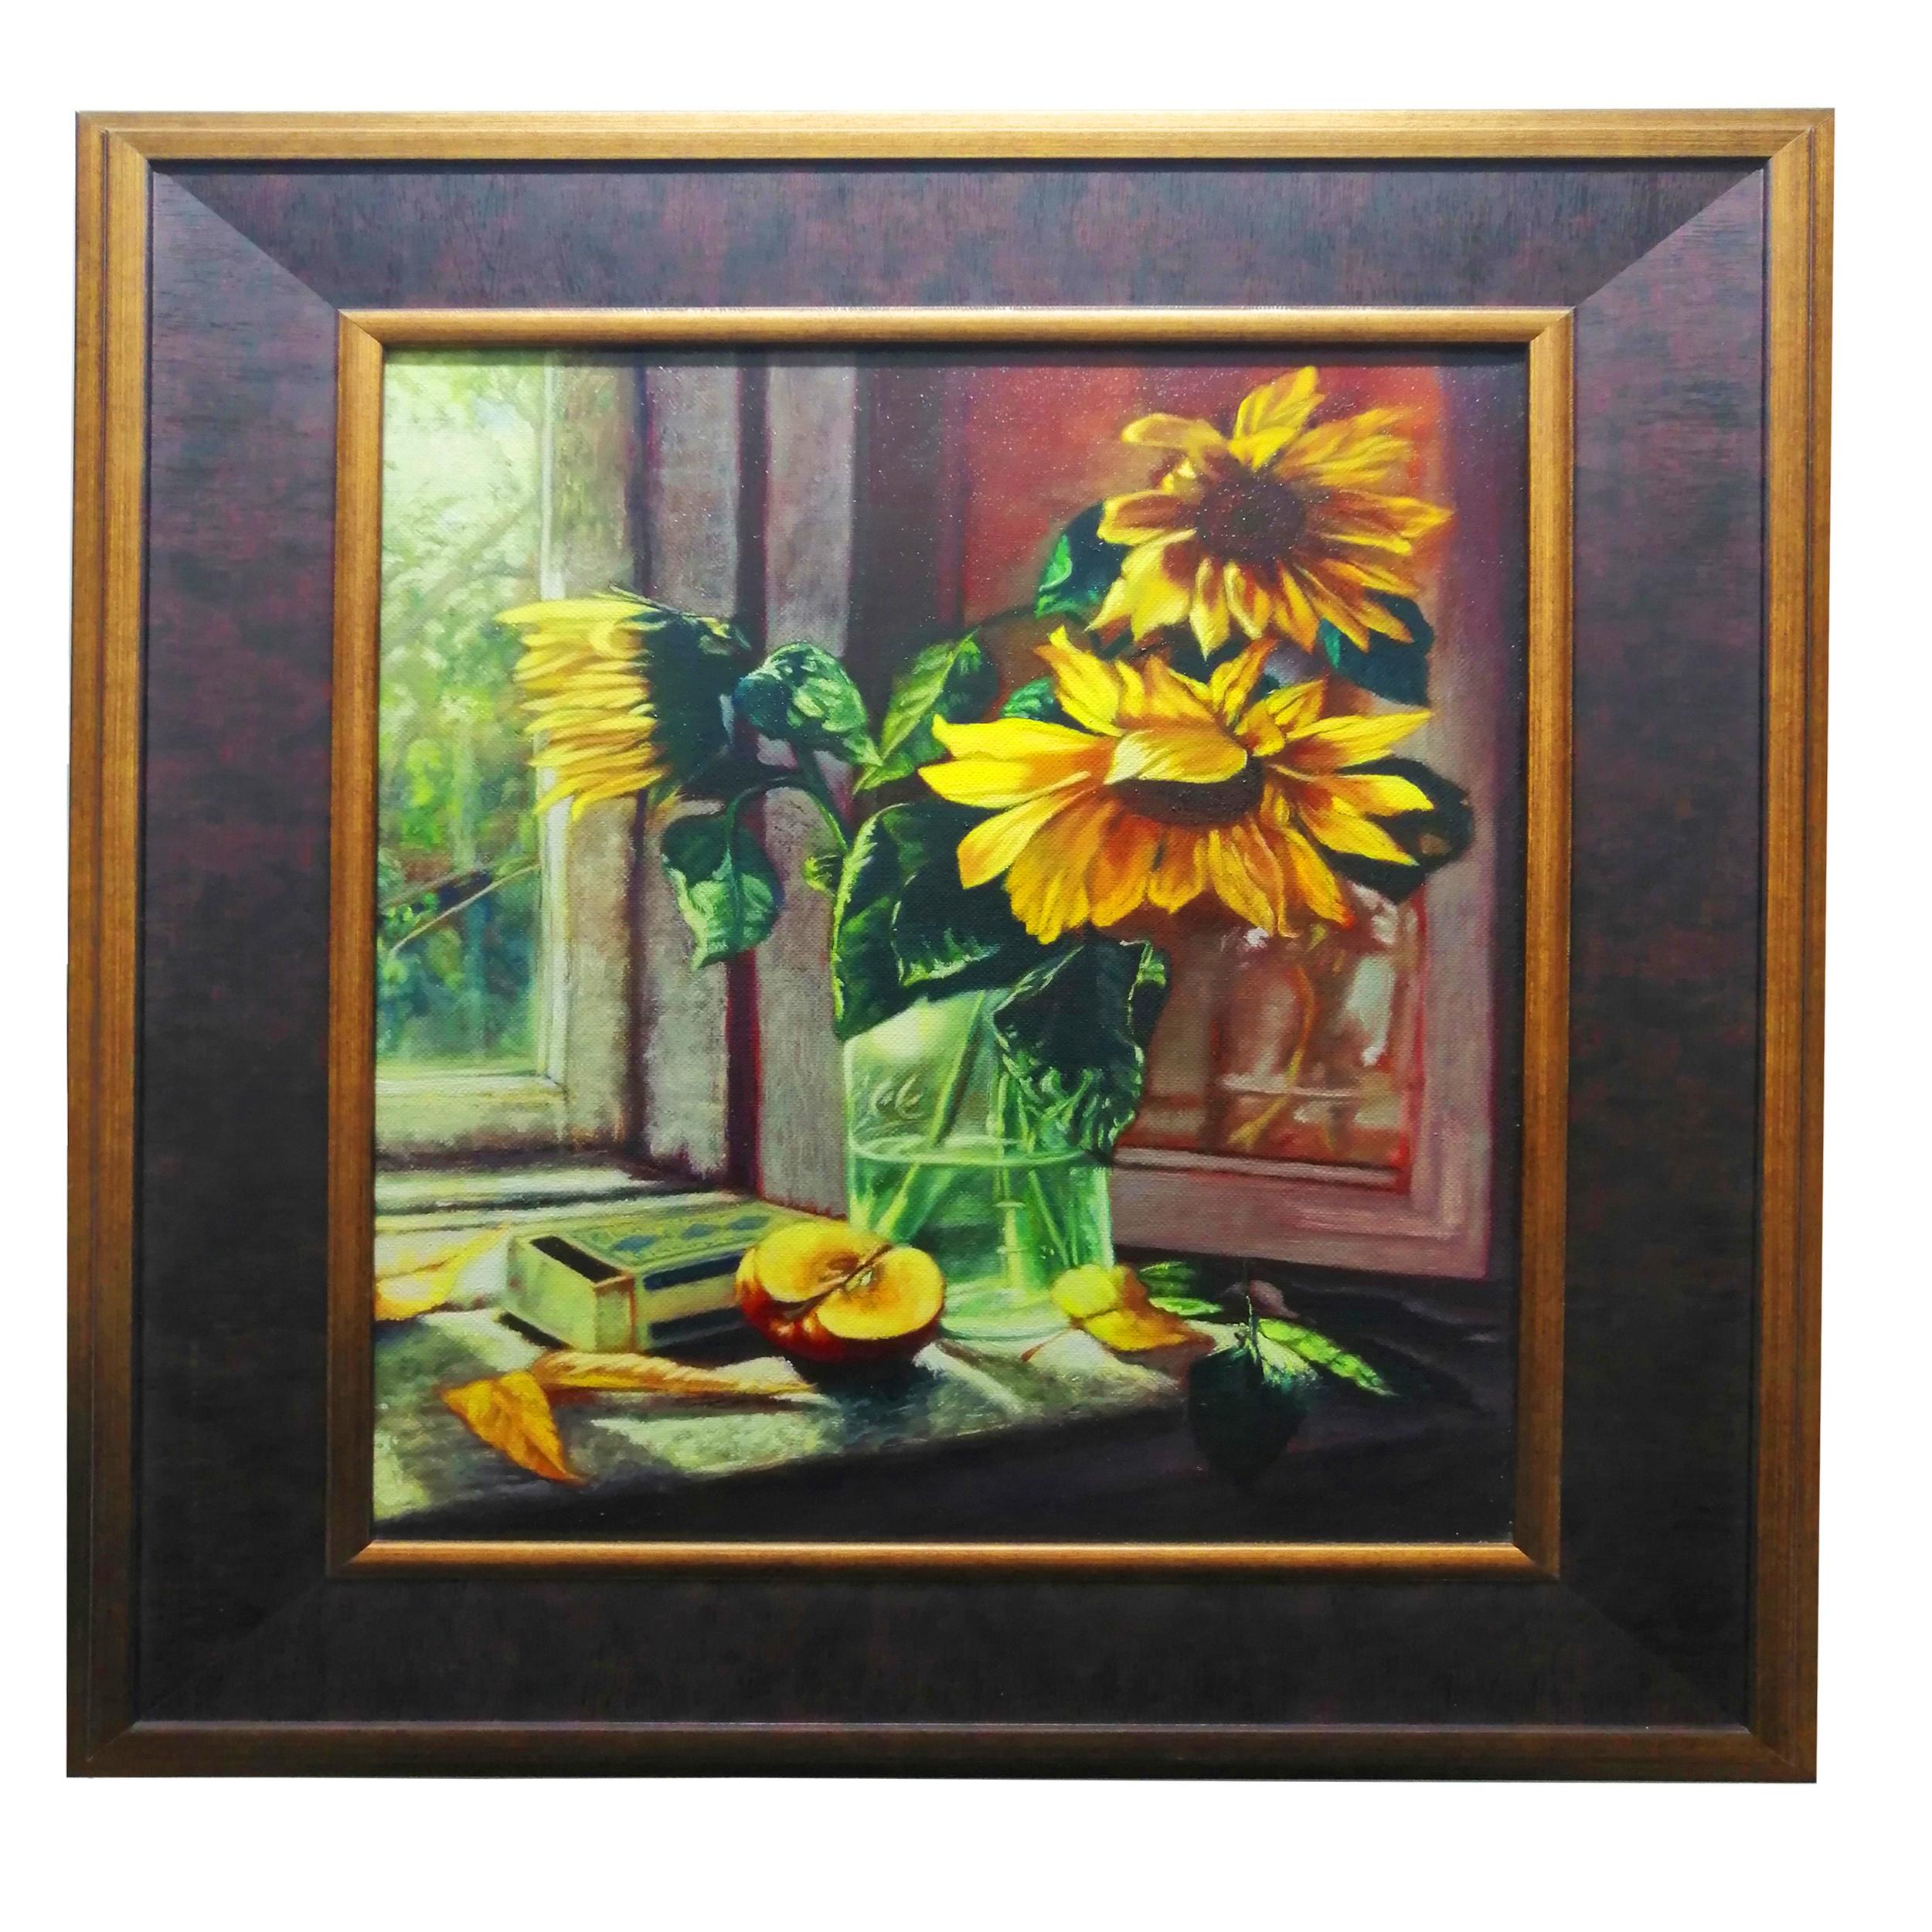 تابلو رنگ روغن طرح گل آفتاب گردان کد w03